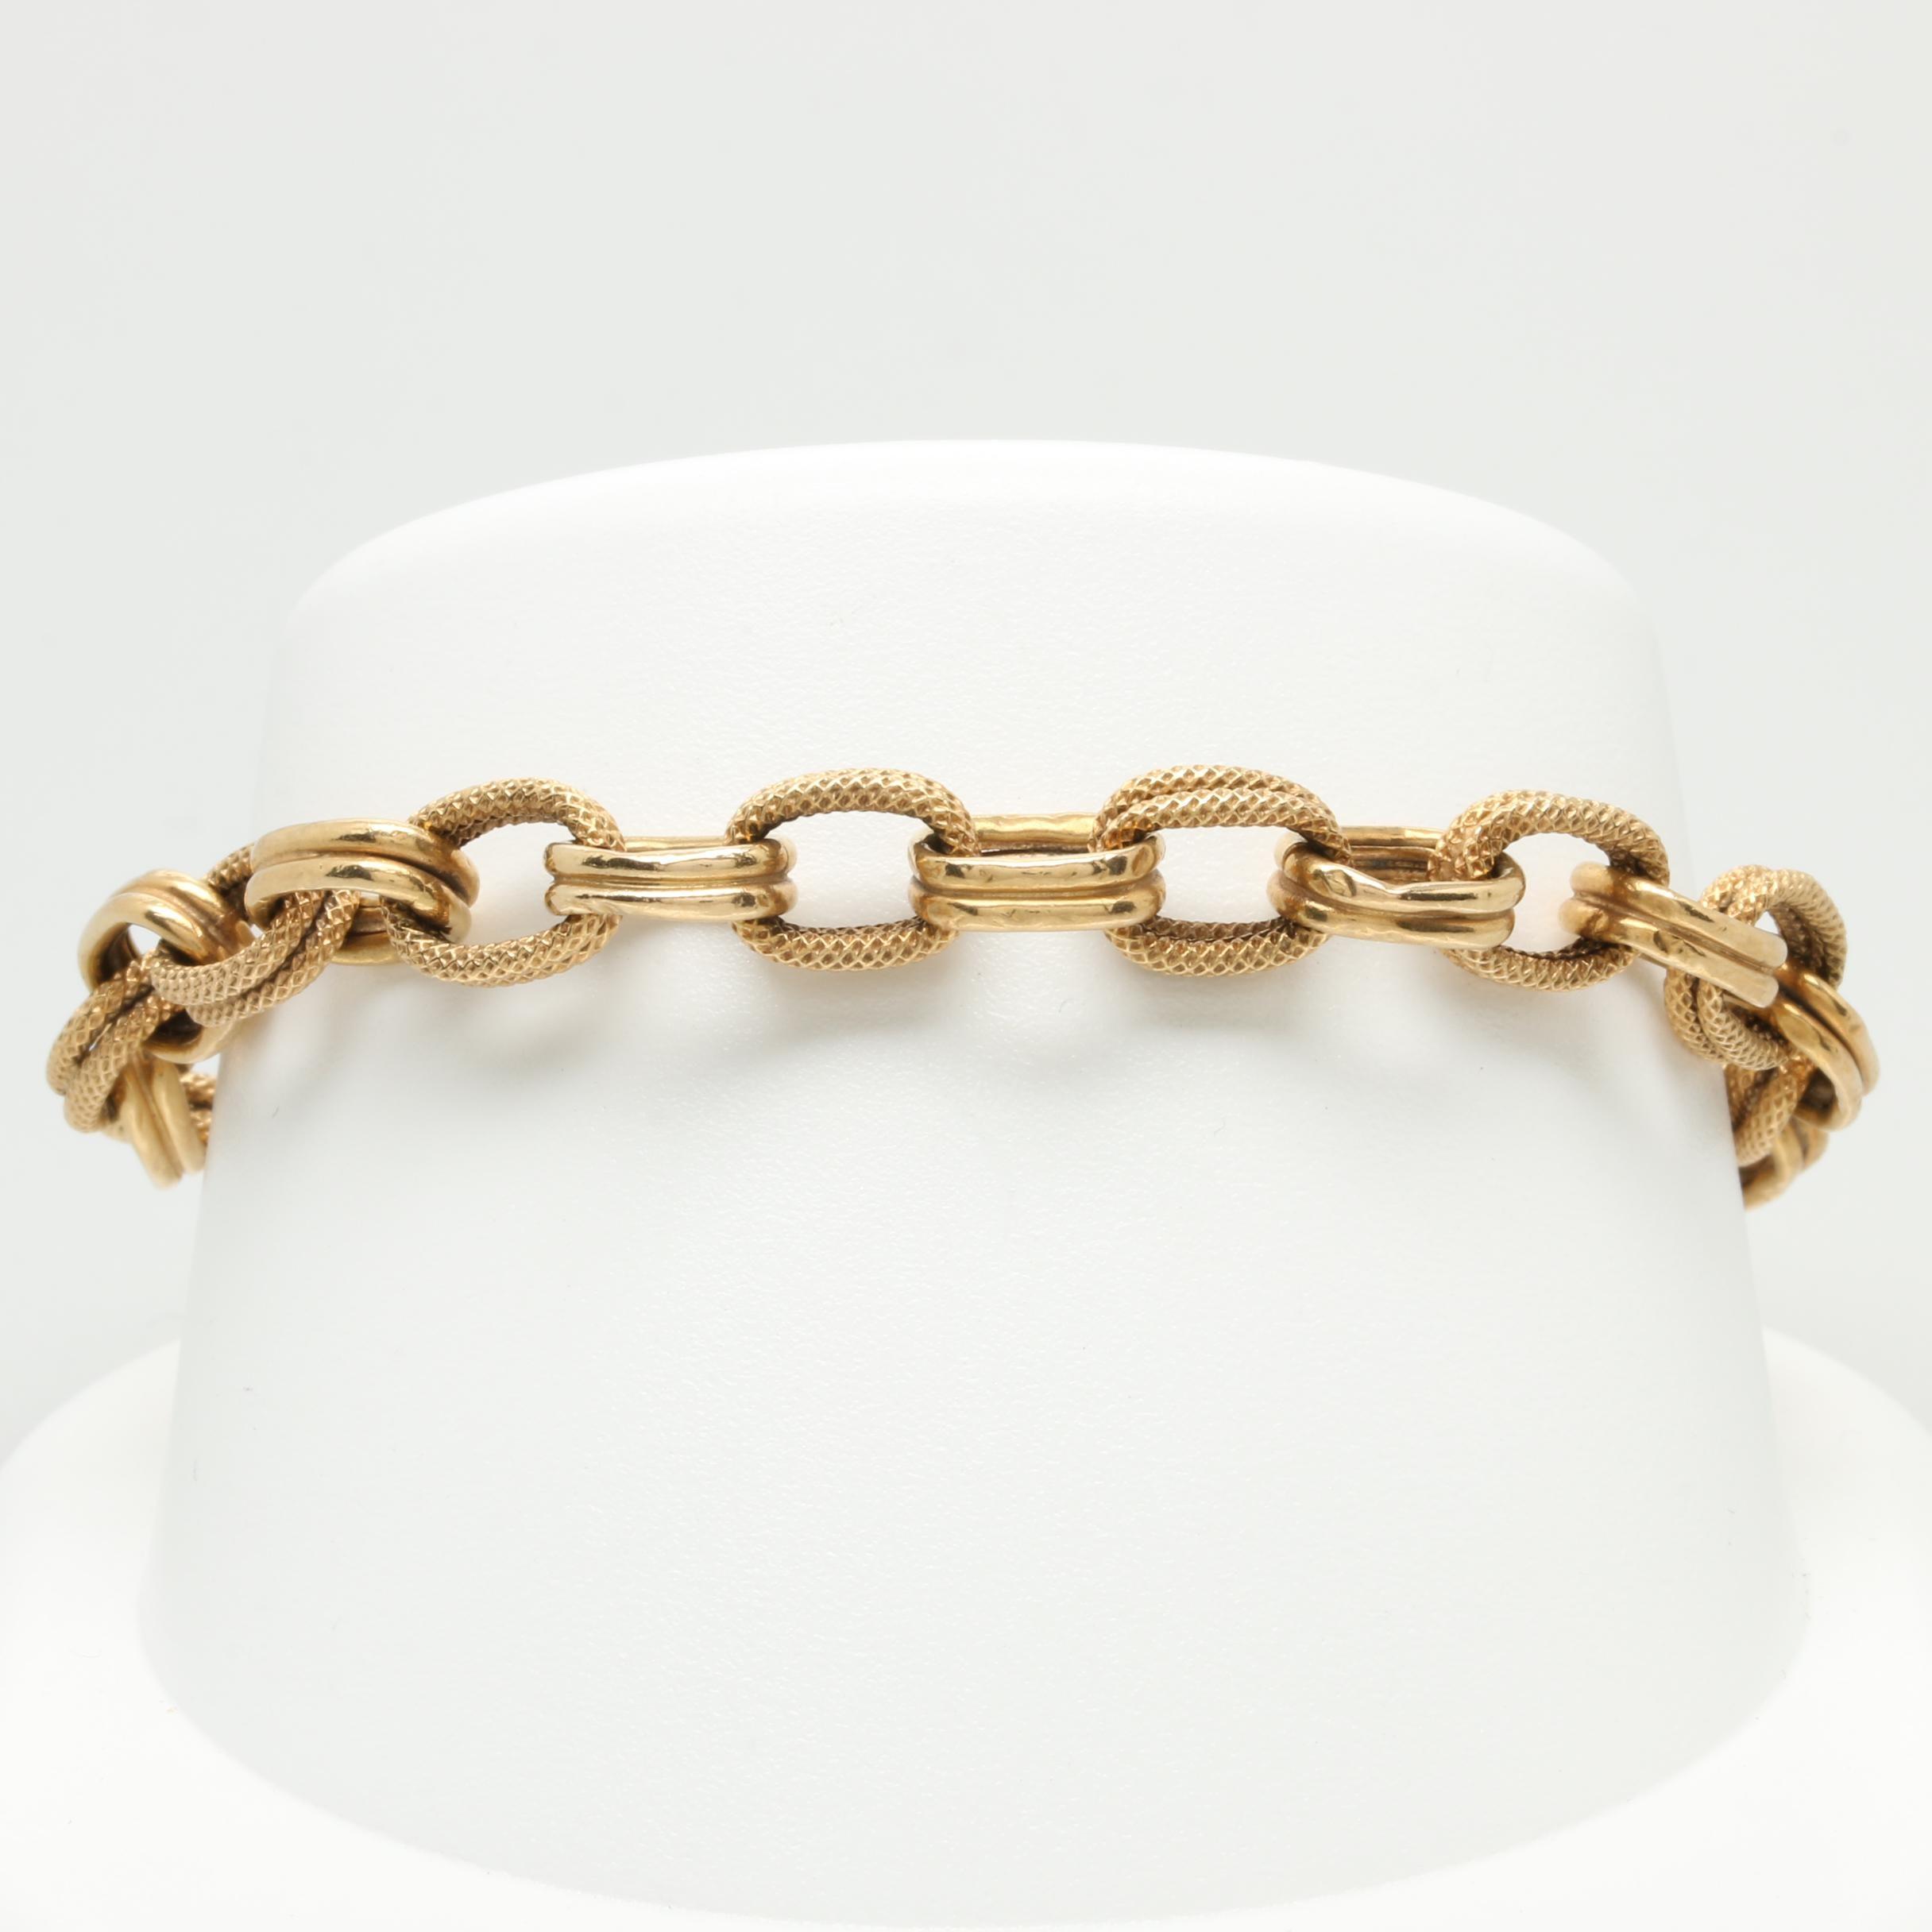 UnoAErre 18K Yellow Gold Fancy Link Bracelet